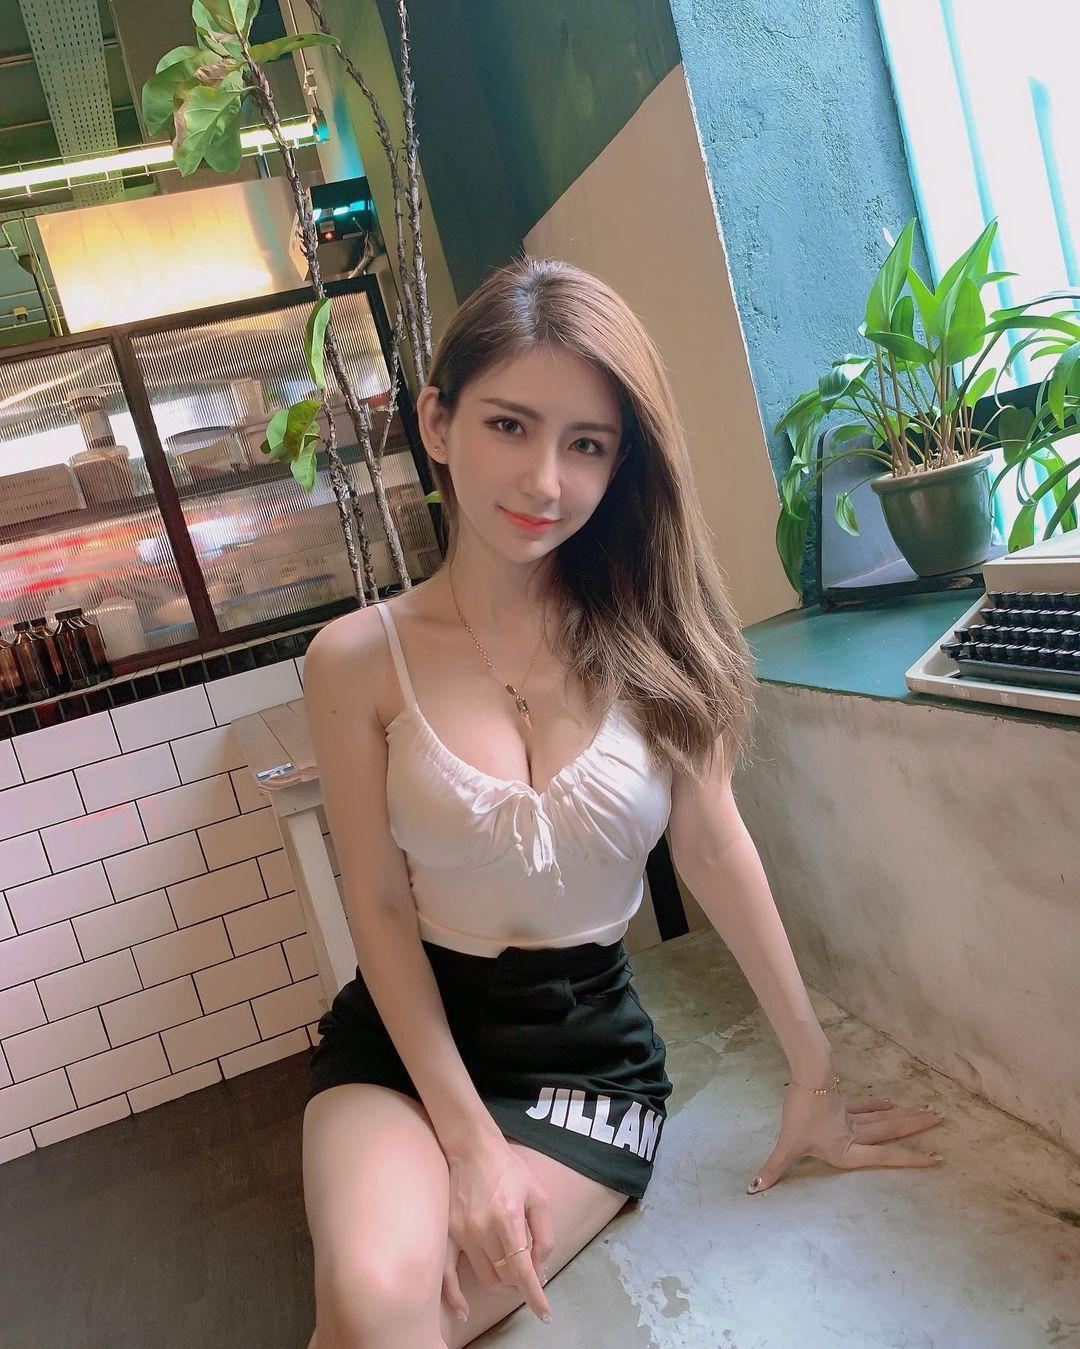 马来西亚气质美女火辣曲线实在诱人呀